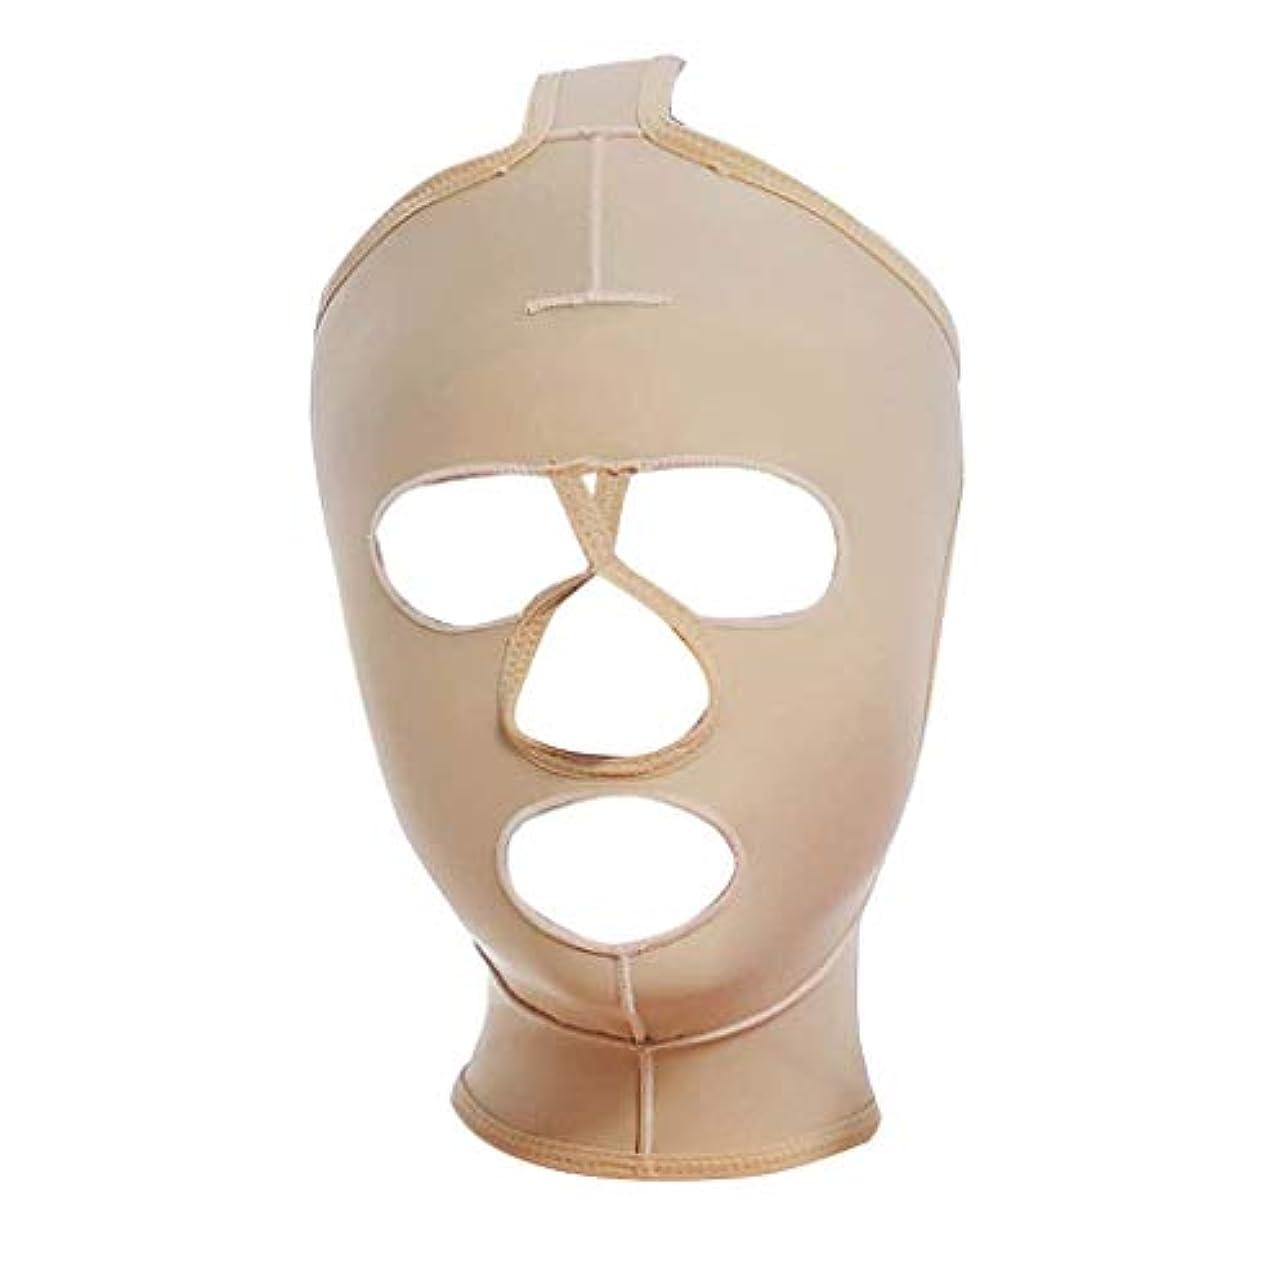 フェイス&ネックリフト、減量フェイスマスク脂肪吸引術脂肪吸引術整形マスクフードフェイスリフティングアーティファクトVフェイスビームフェイス弾性スリーブ(サイズ:XXL),XXL